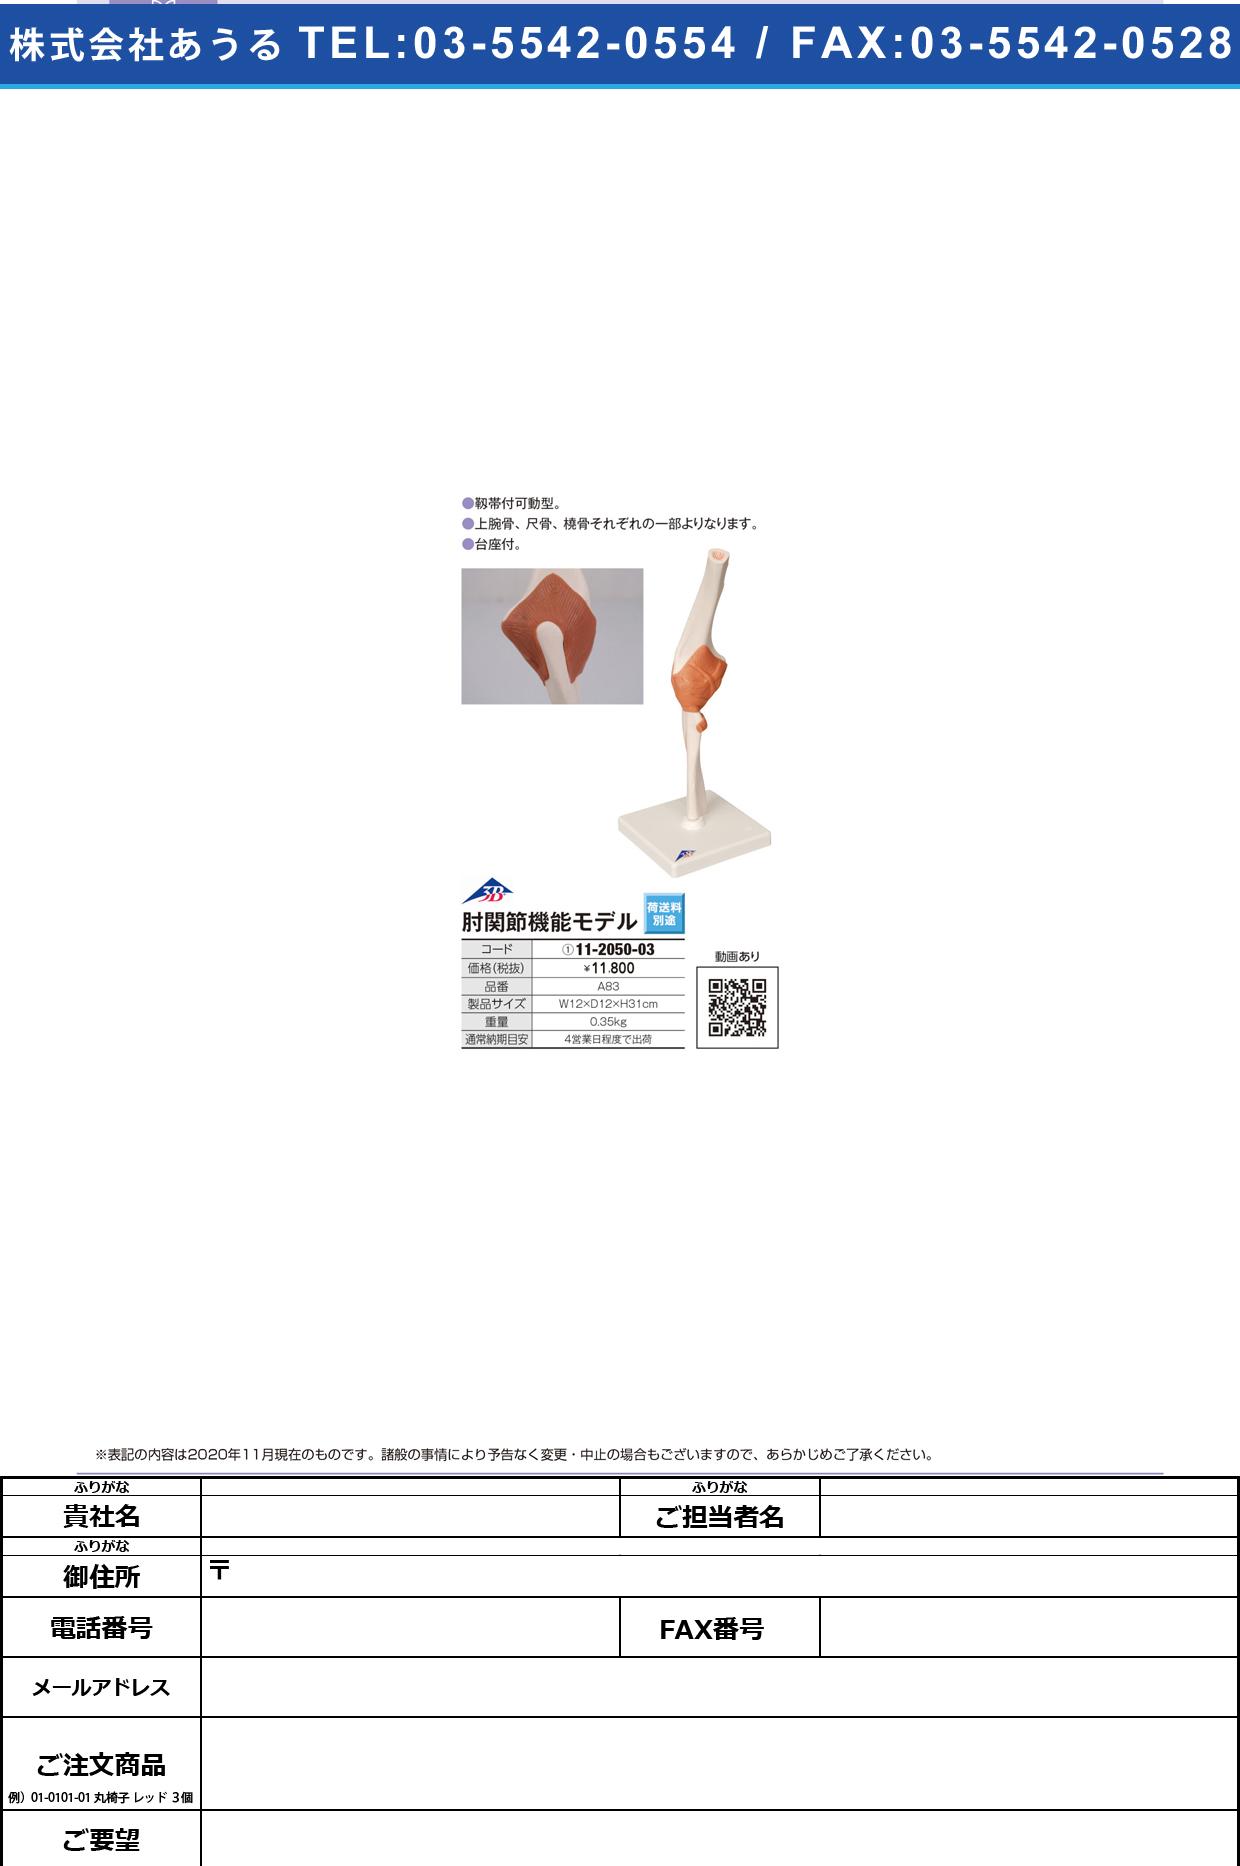 肘関節モデル(台付) A83(12X12X31CM)A83(12X12X31CM)(11-2050-03)【日本3Bサイエンティフィック】(販売単位:1)